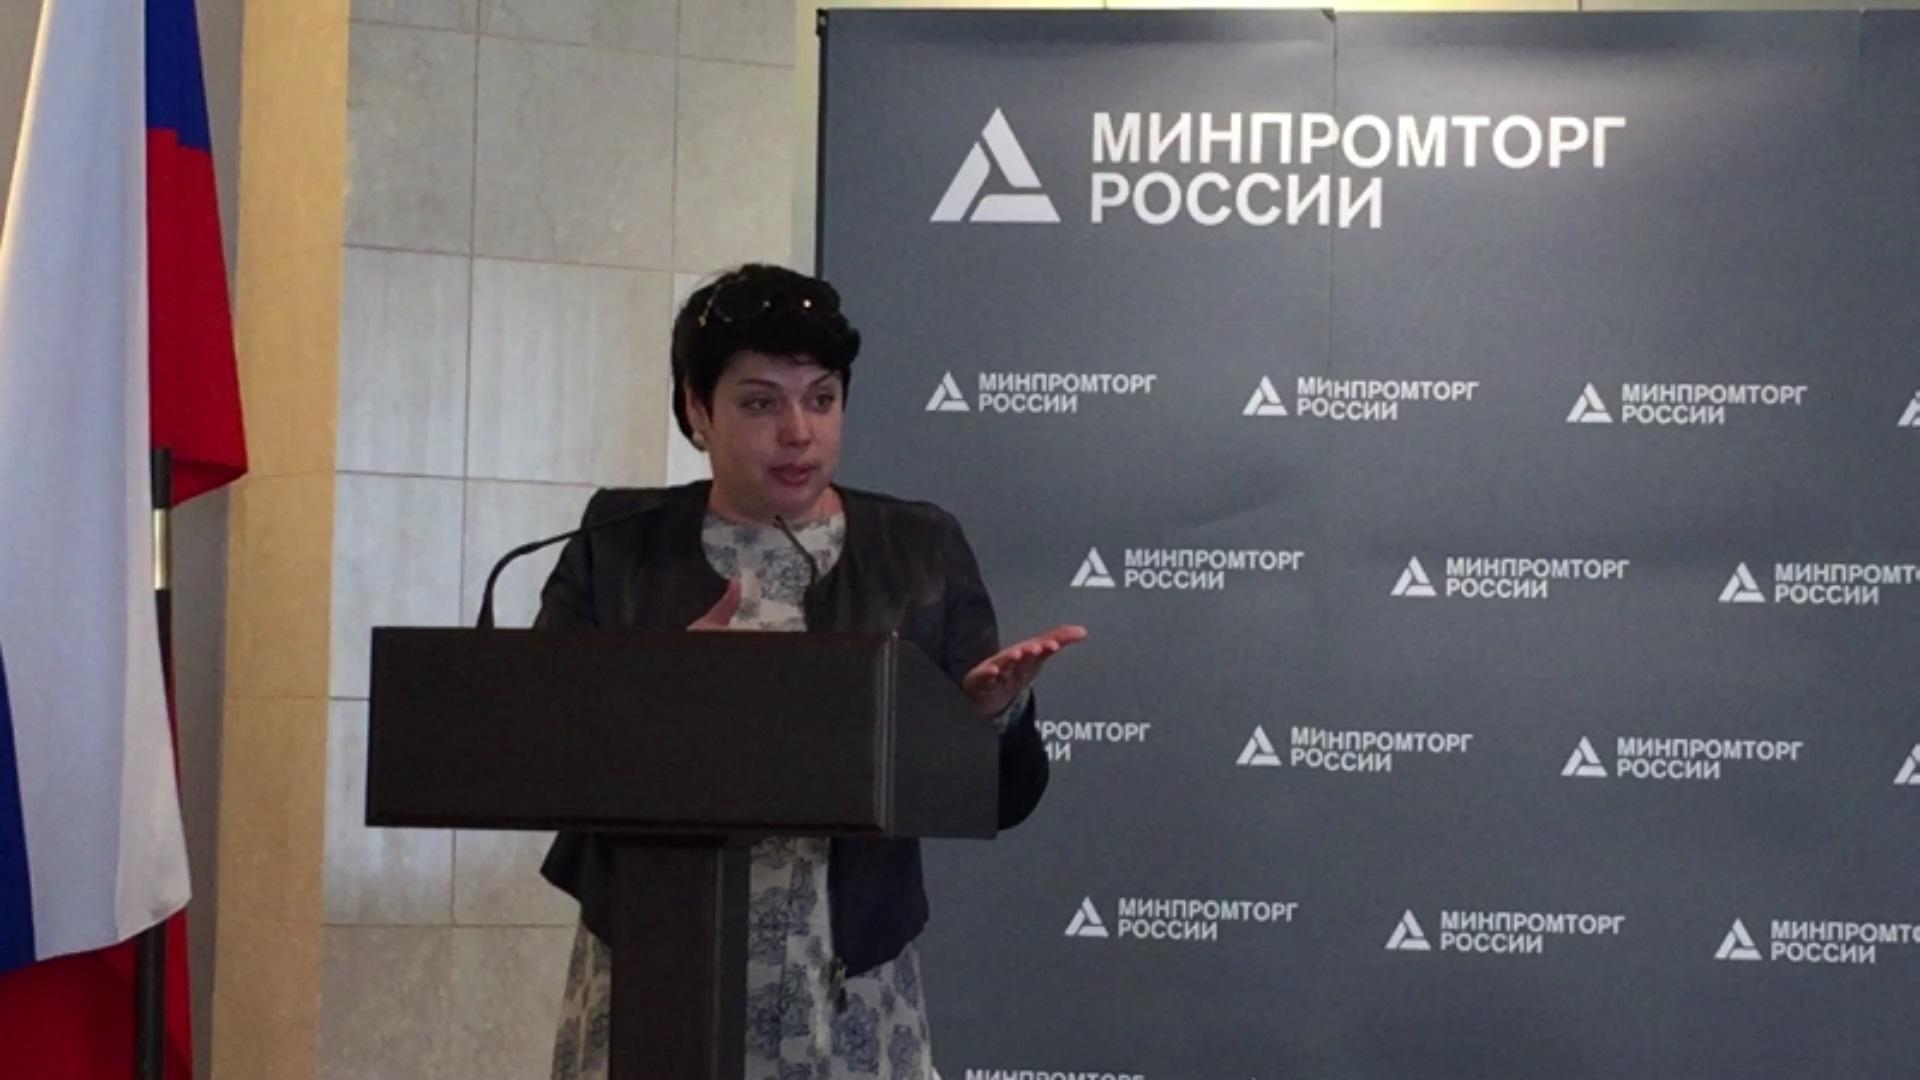 Всероссийский чемпионат по решению управленческих задач отрасли народных художественных промыслов